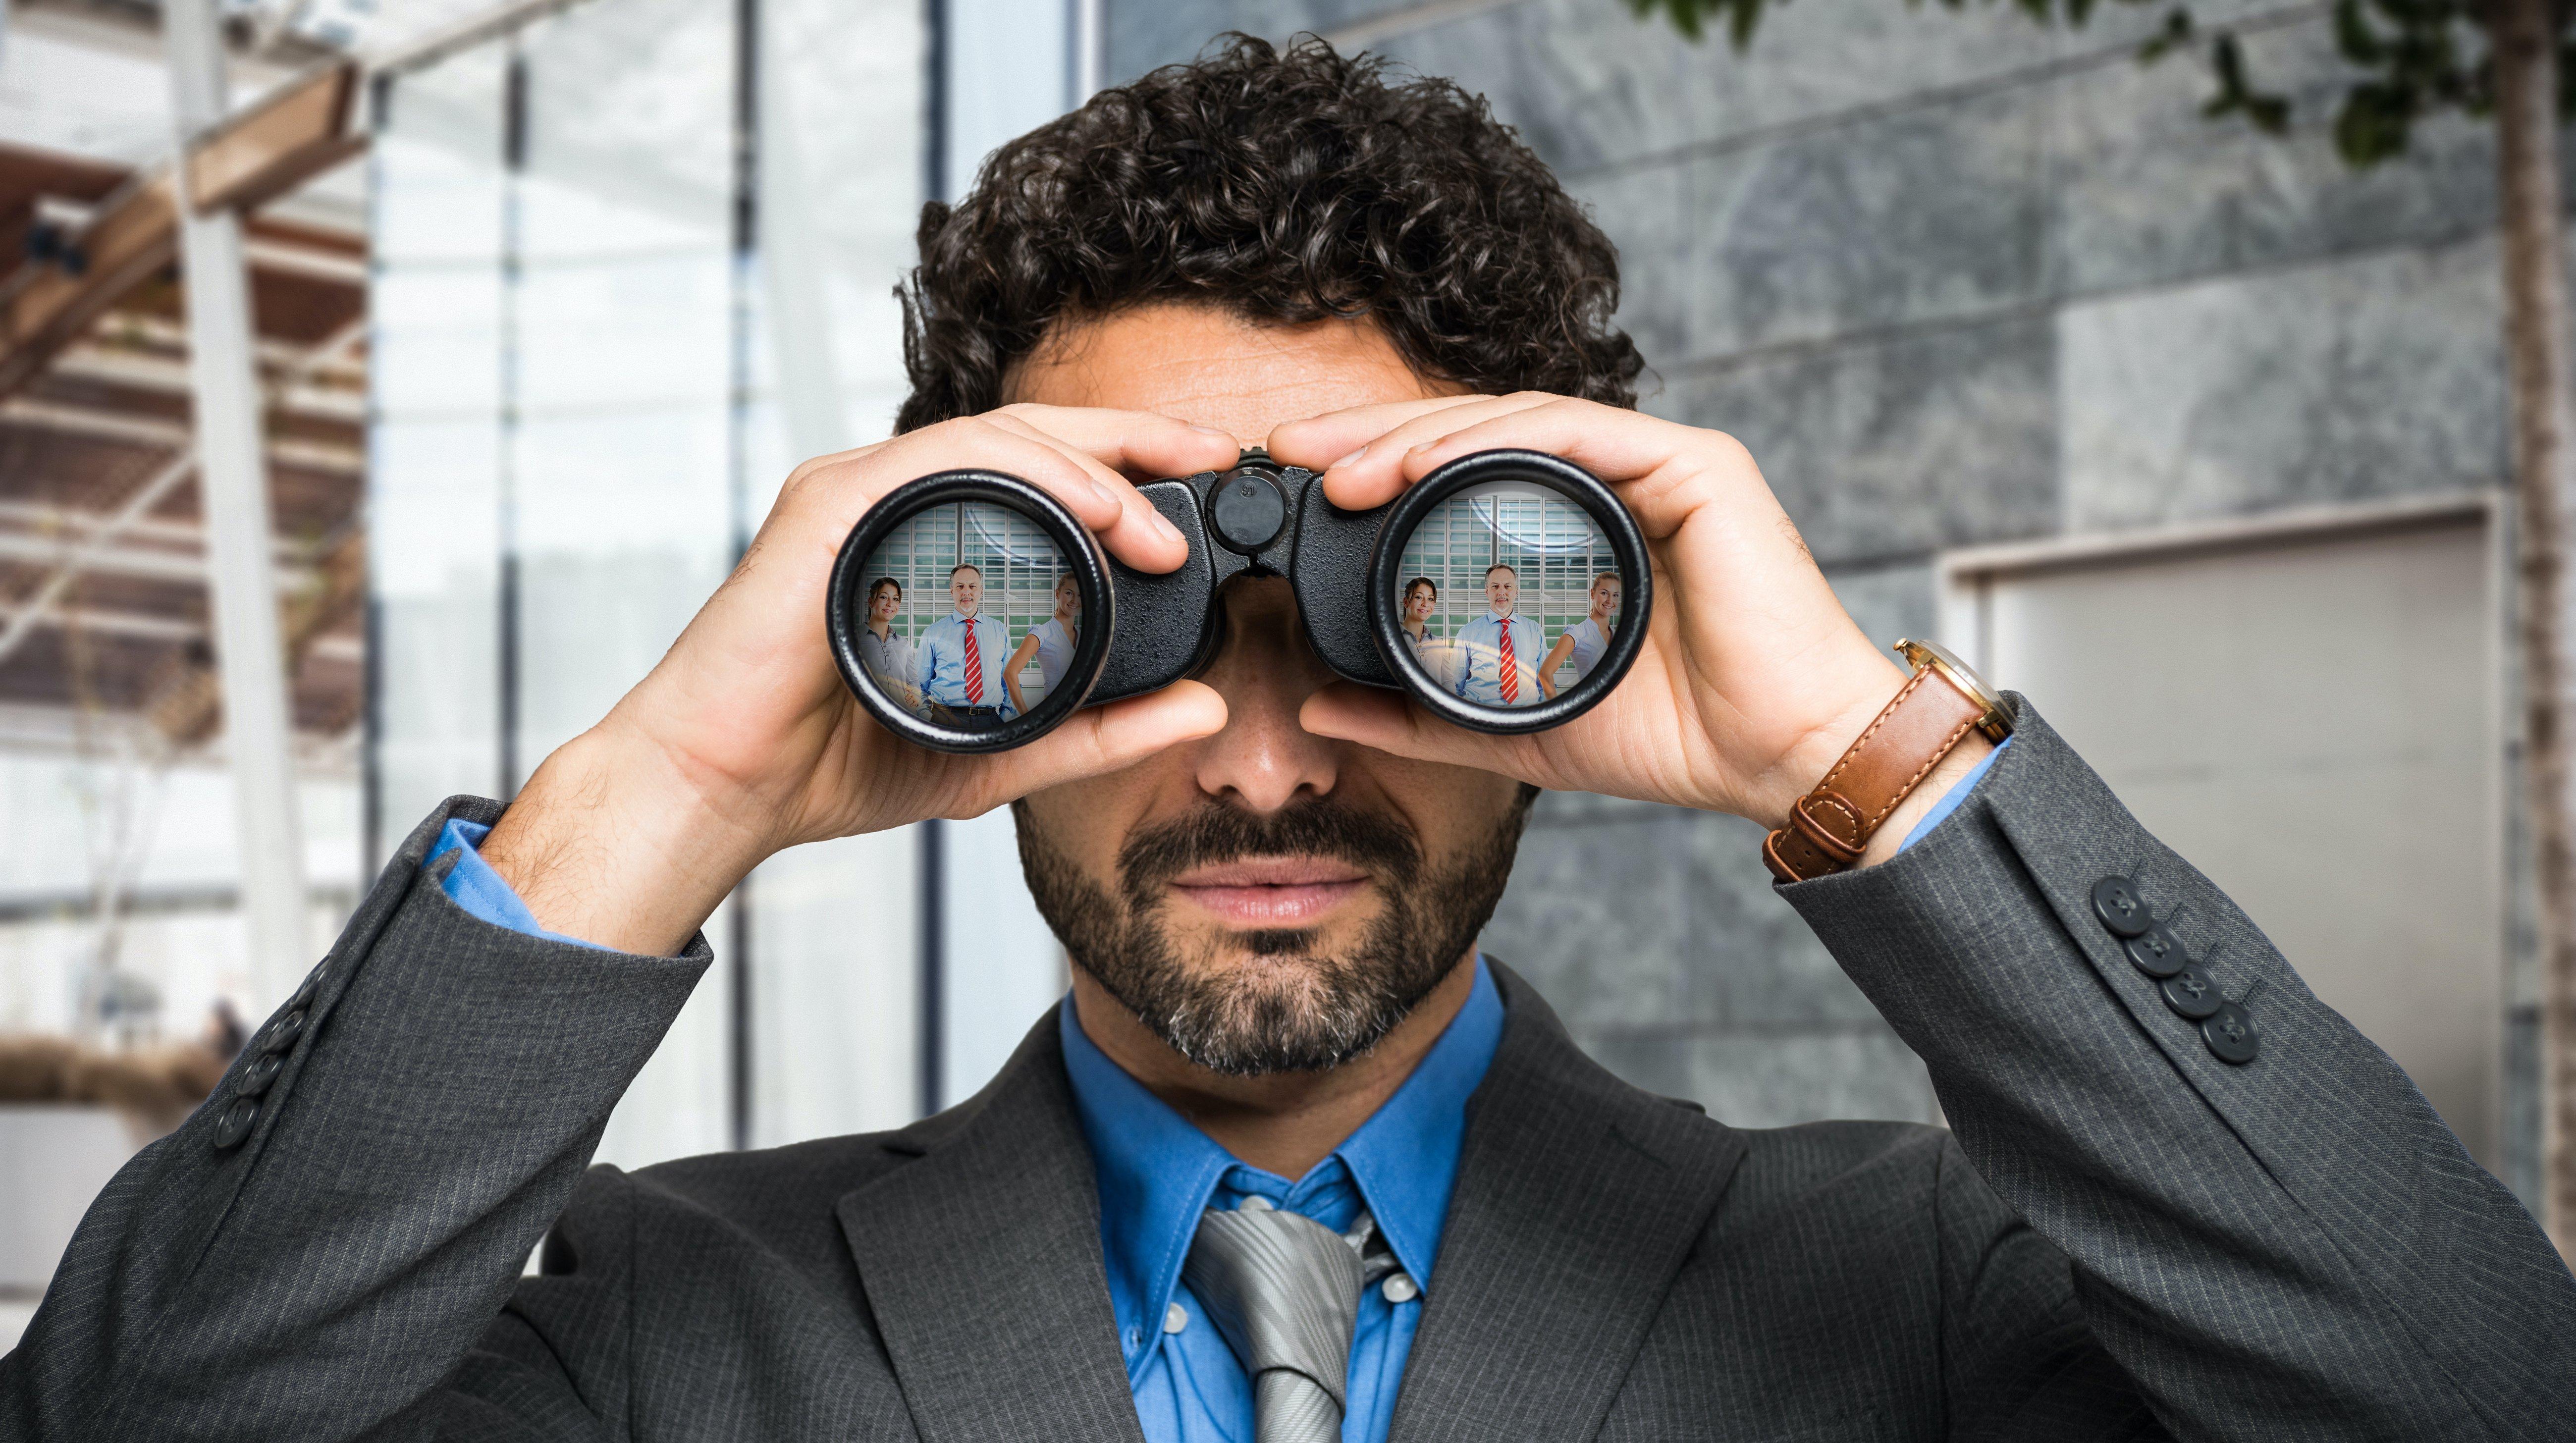 Customer search with binoculars